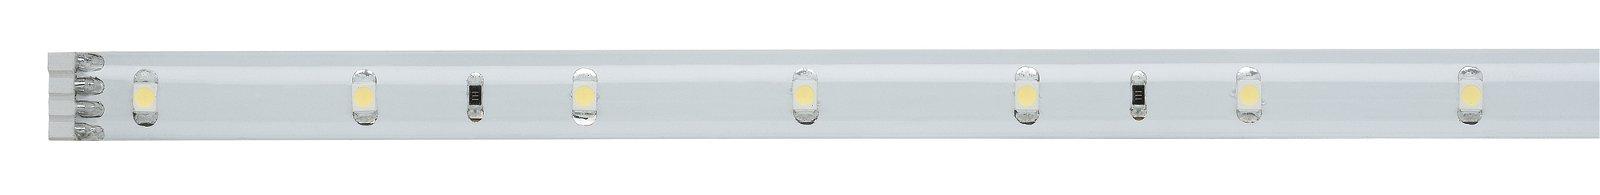 YourLED LED Strip Tageslichtweiß 1m beschichtet 3W 278lm/m 6000K